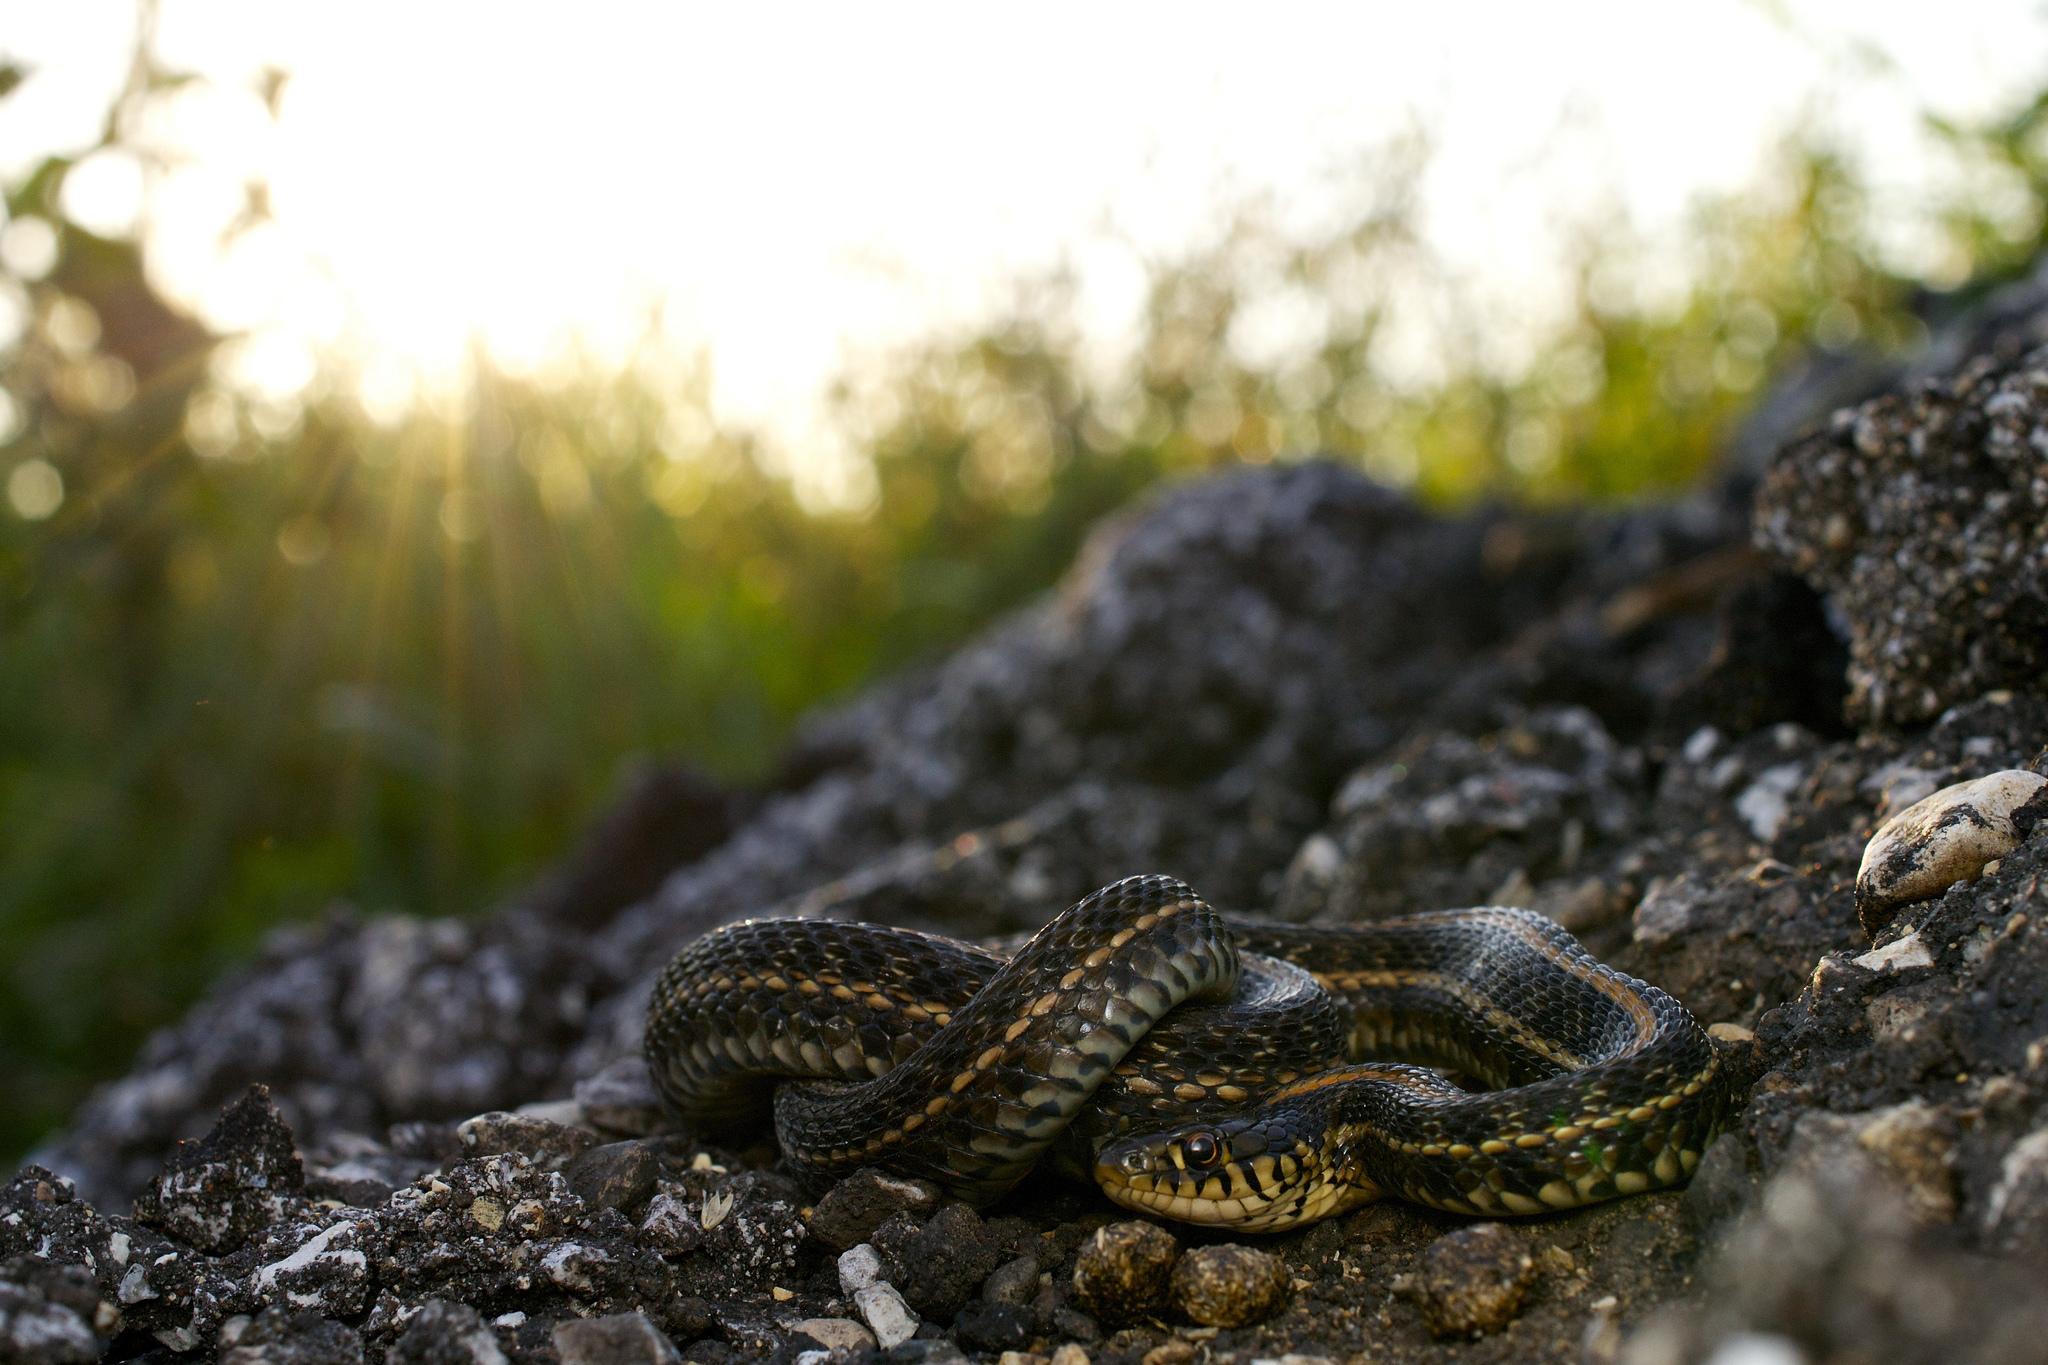 ведущая программы фото змей в природе лежали своеобразной